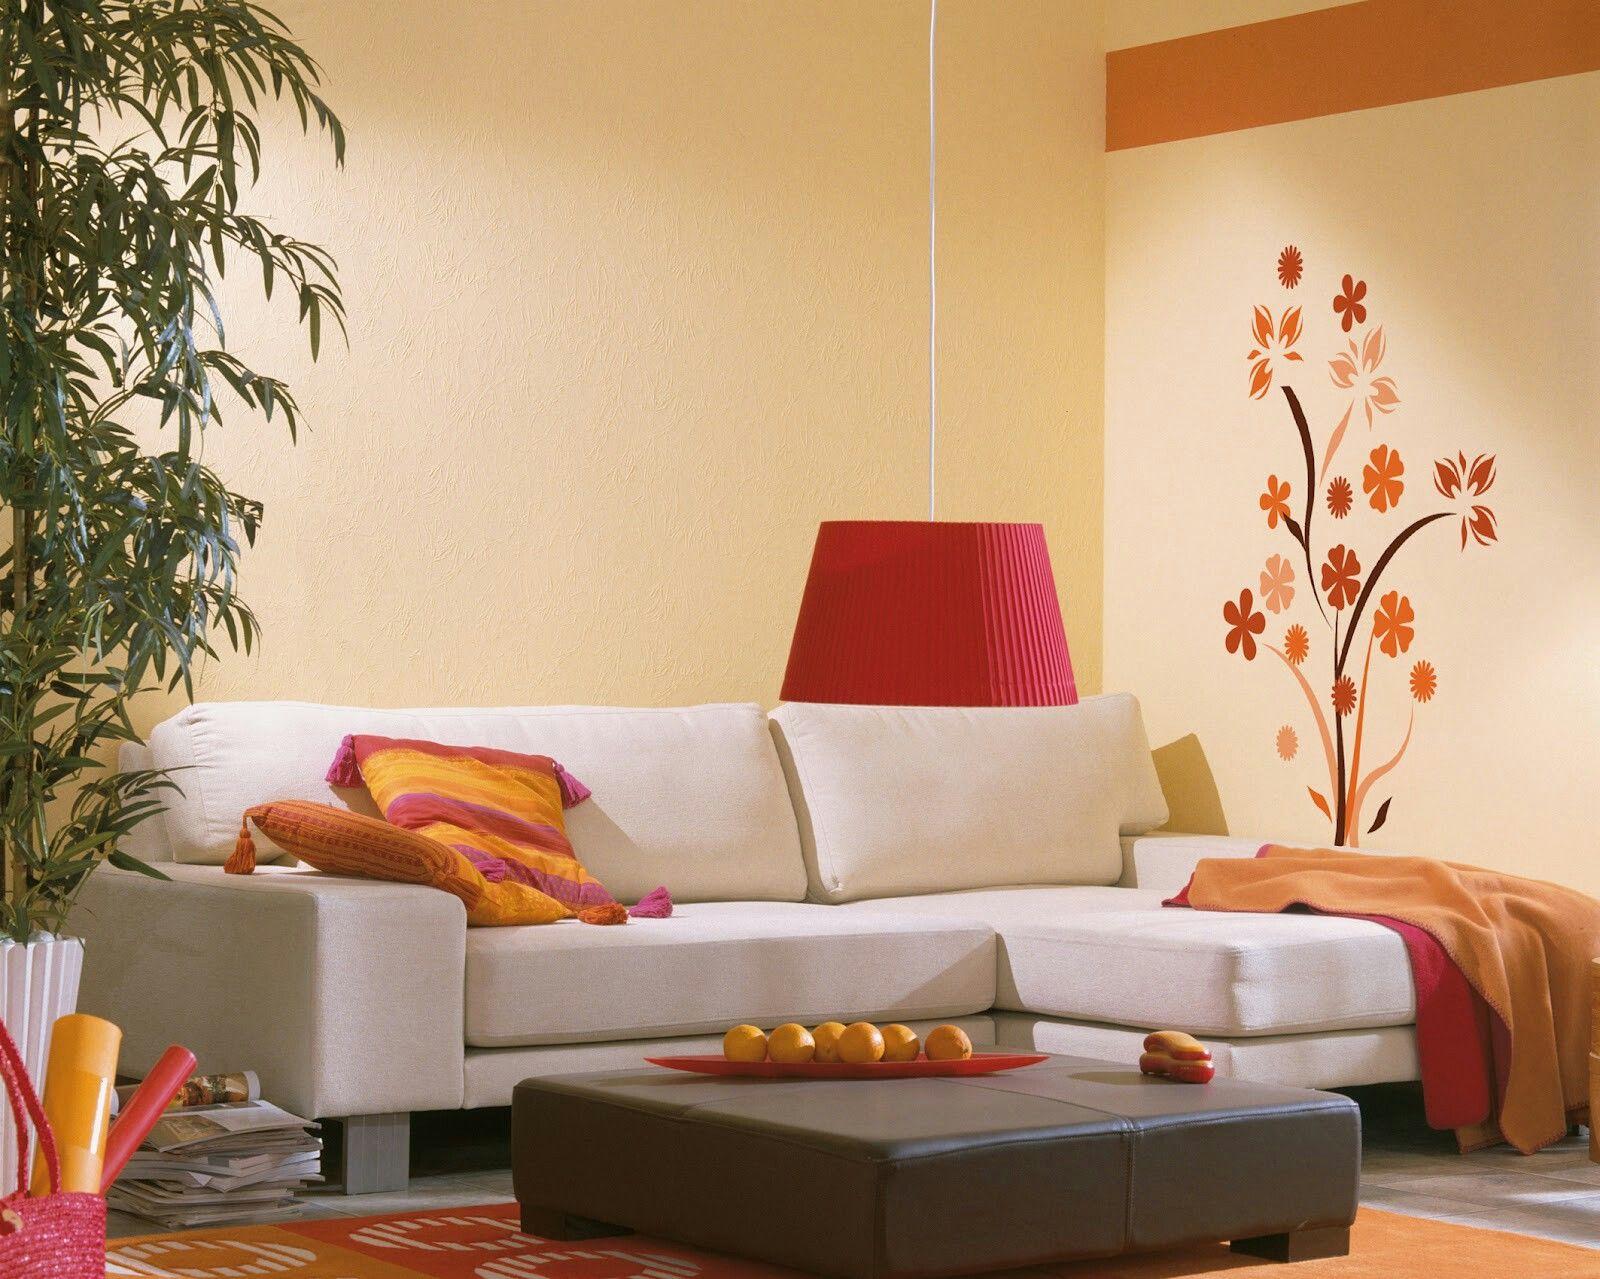 Pin by Milly Olmeda on ideas para decoraciones de sala.. | Pinterest